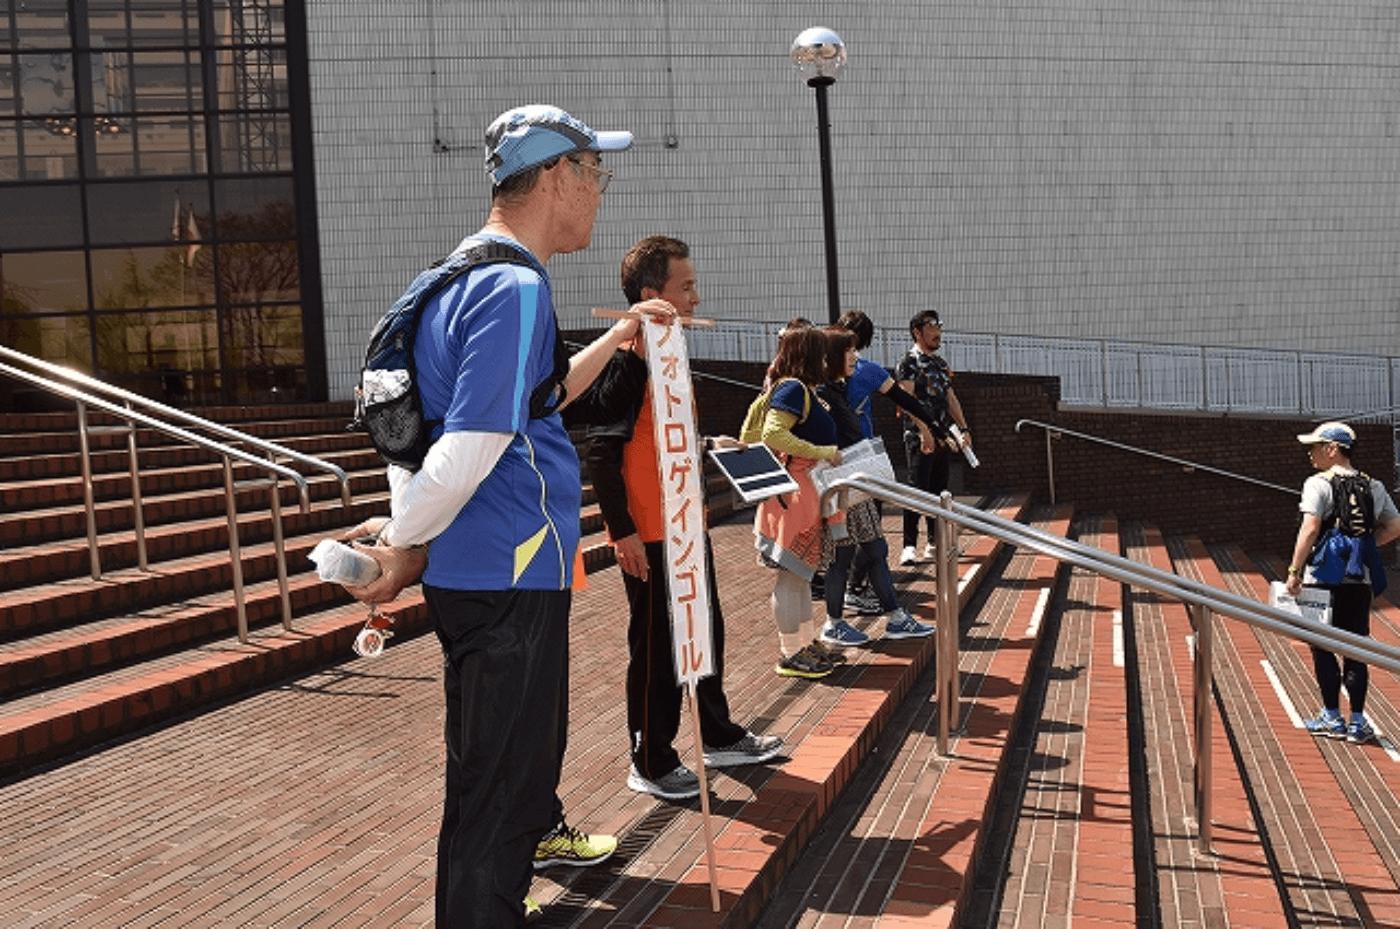 横浜みなとみらいフォトロゲイン   神奈川県